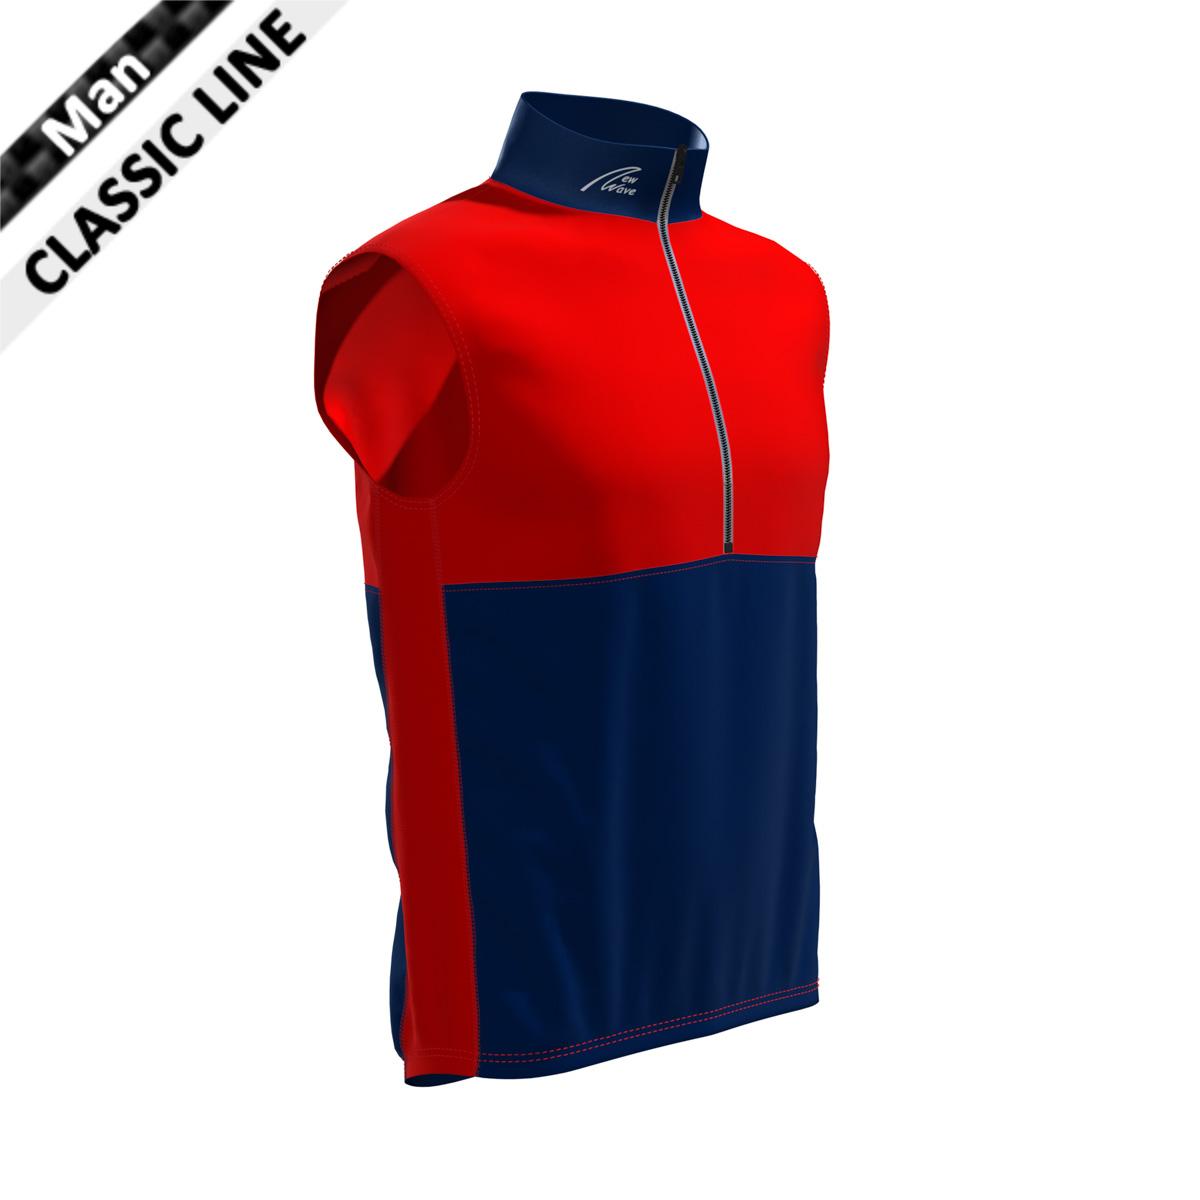 St. Moritz Vest - Man marine/rot  (Brust, Rückenoberteil, Seitenstreifen - rot / Kragen, Bauch, Rückenunterteil - marine)